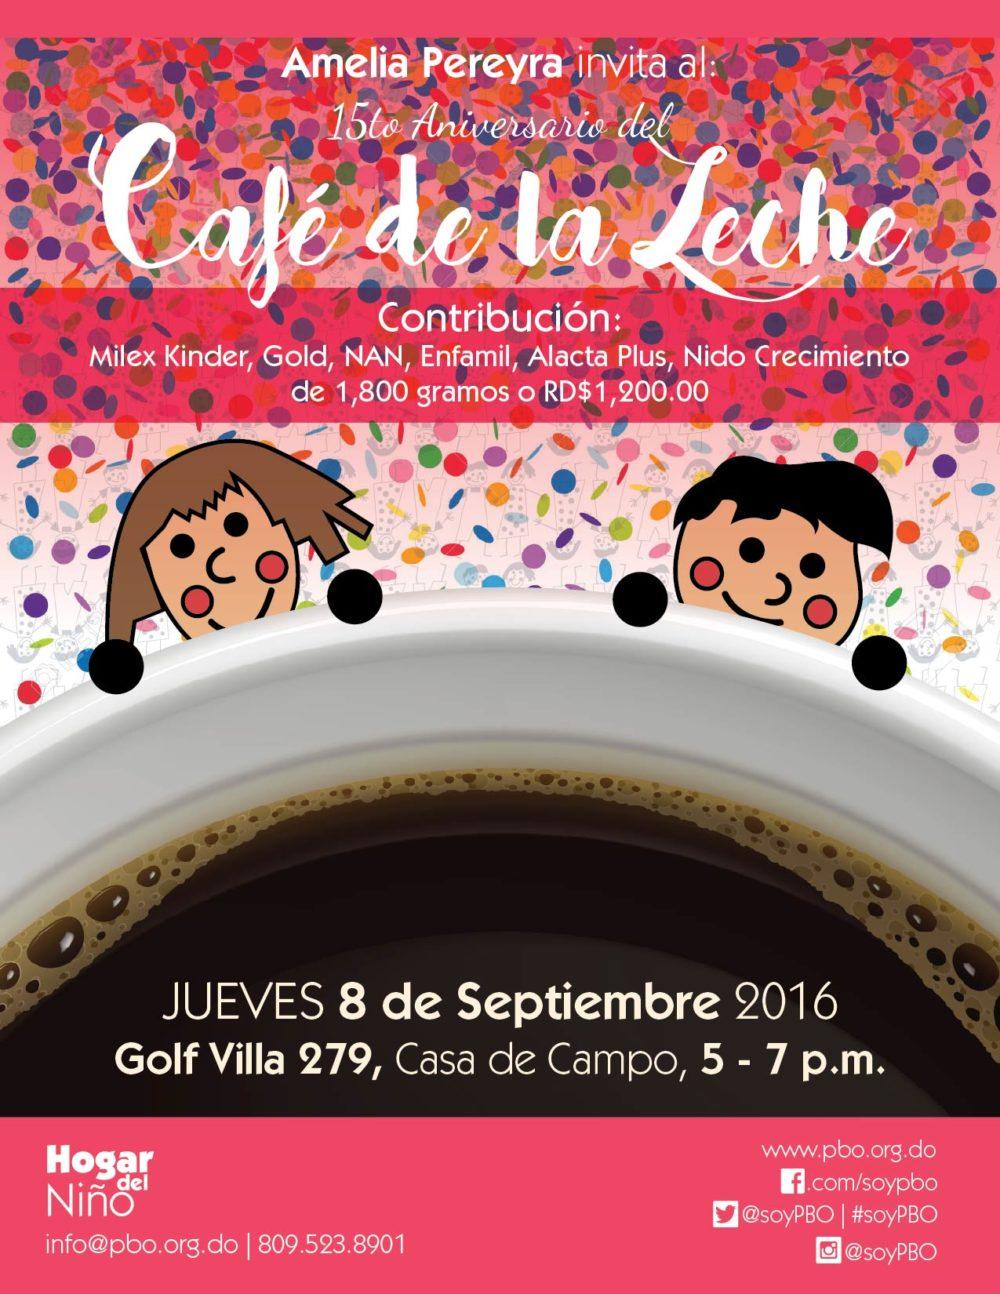 Café de la Leche 15th anniversary